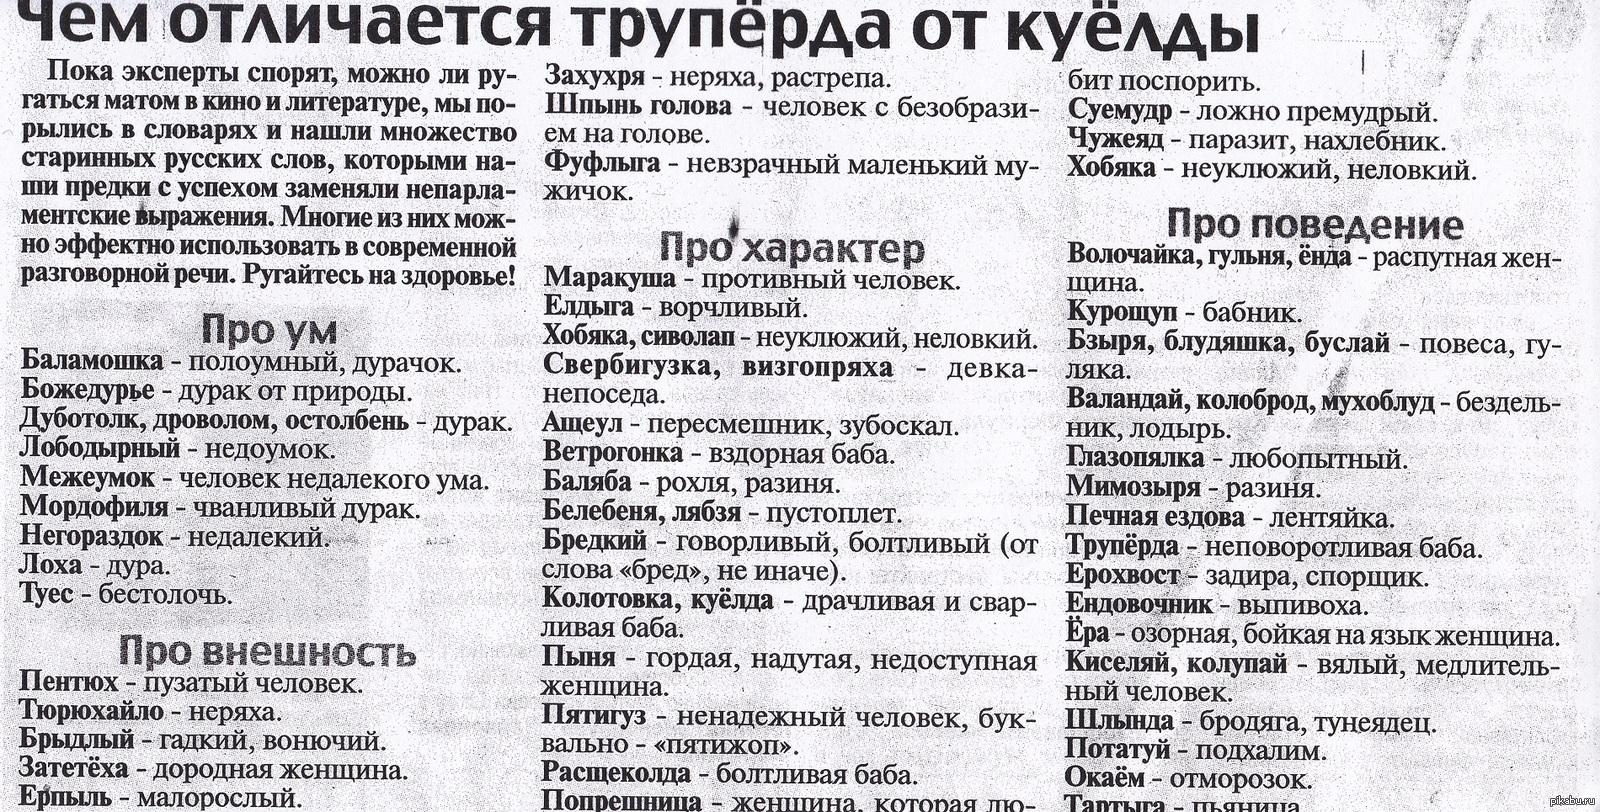 Русские бабы ругаются матом 23 фотография